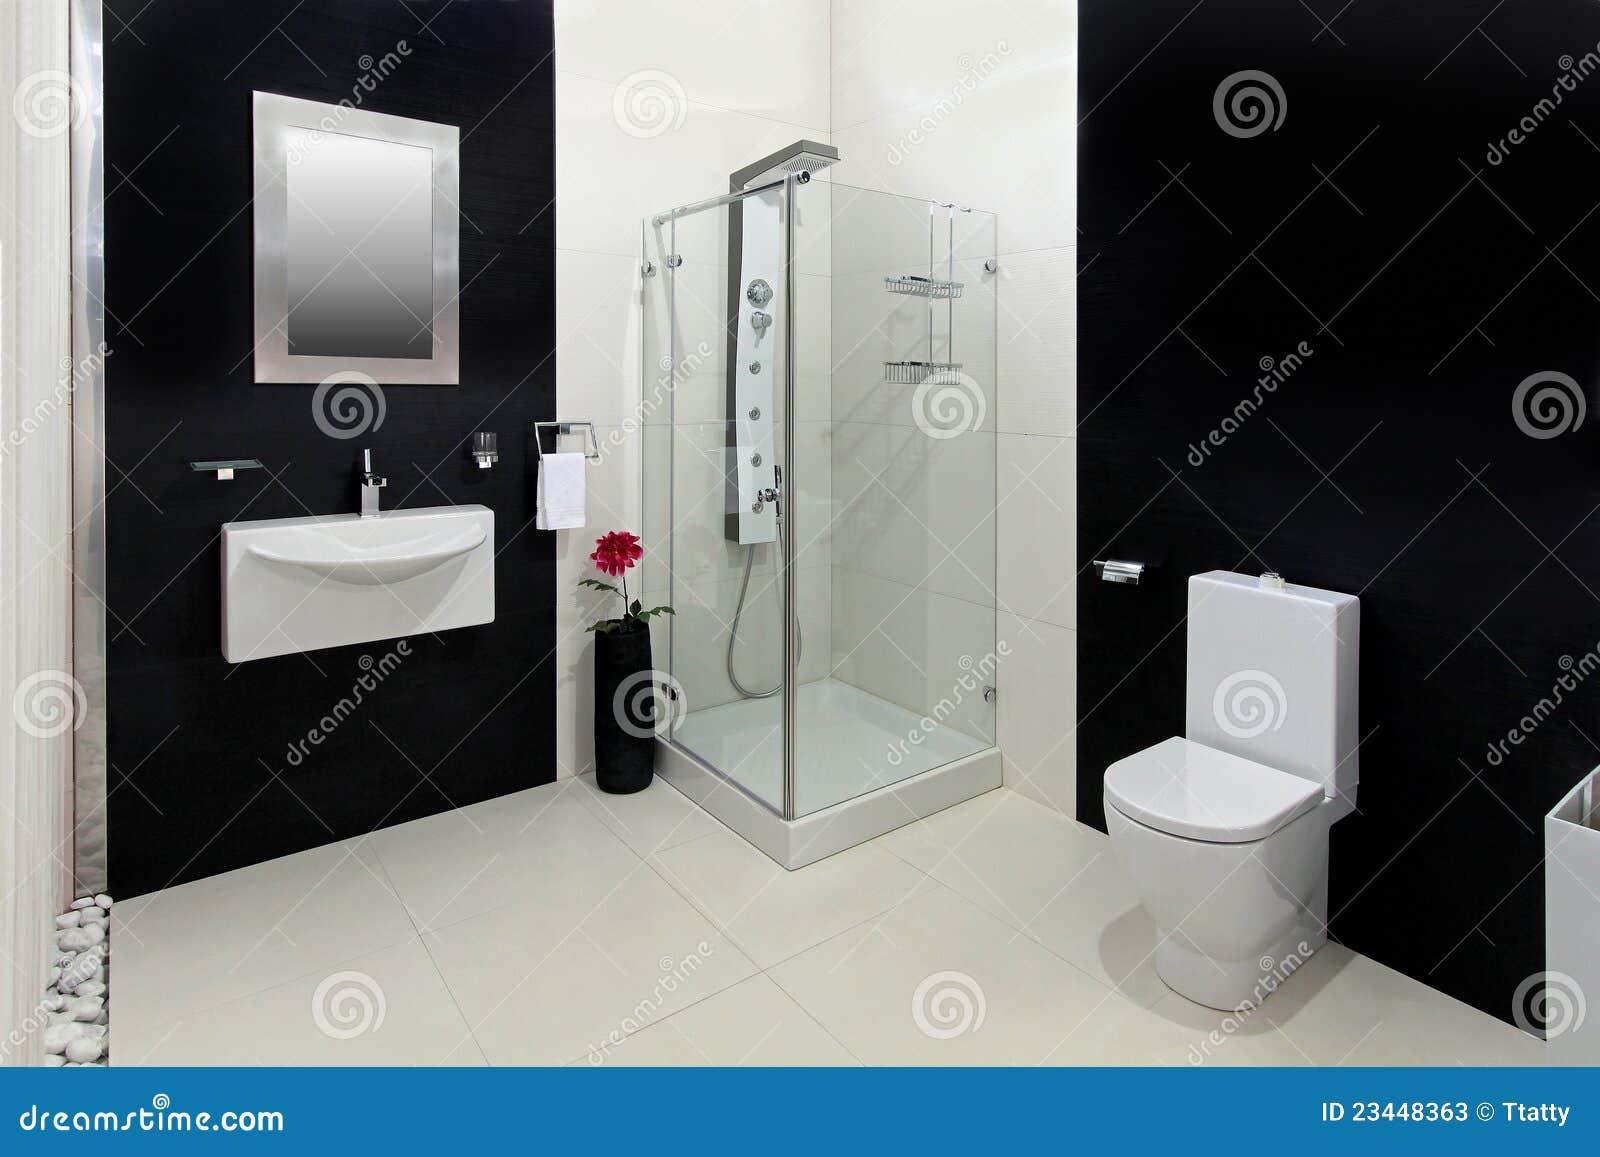 Salle de bains moderne avec les tuiles noires et blanches.